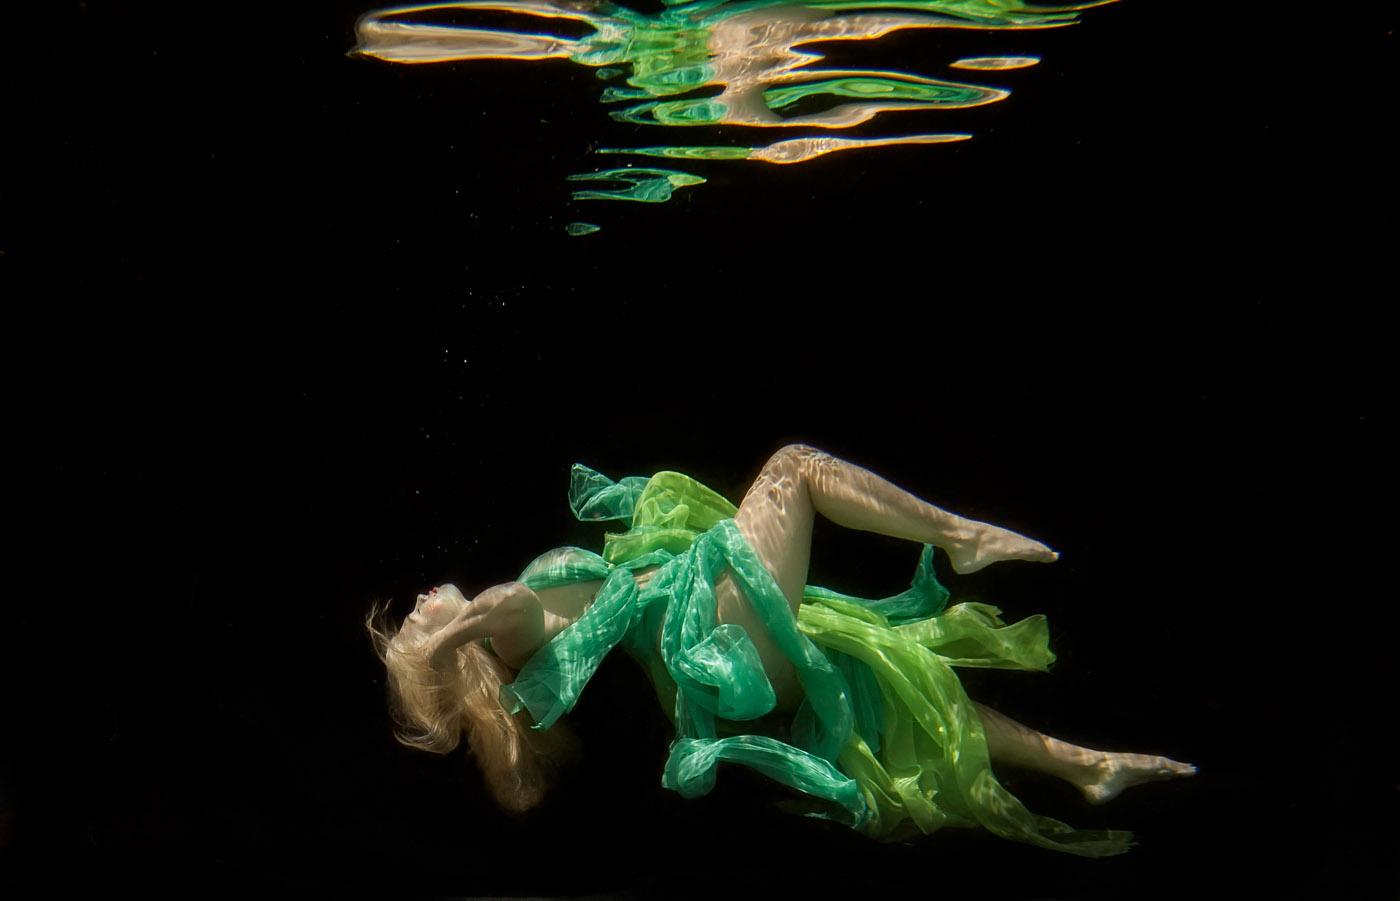 atlanta underwater photography